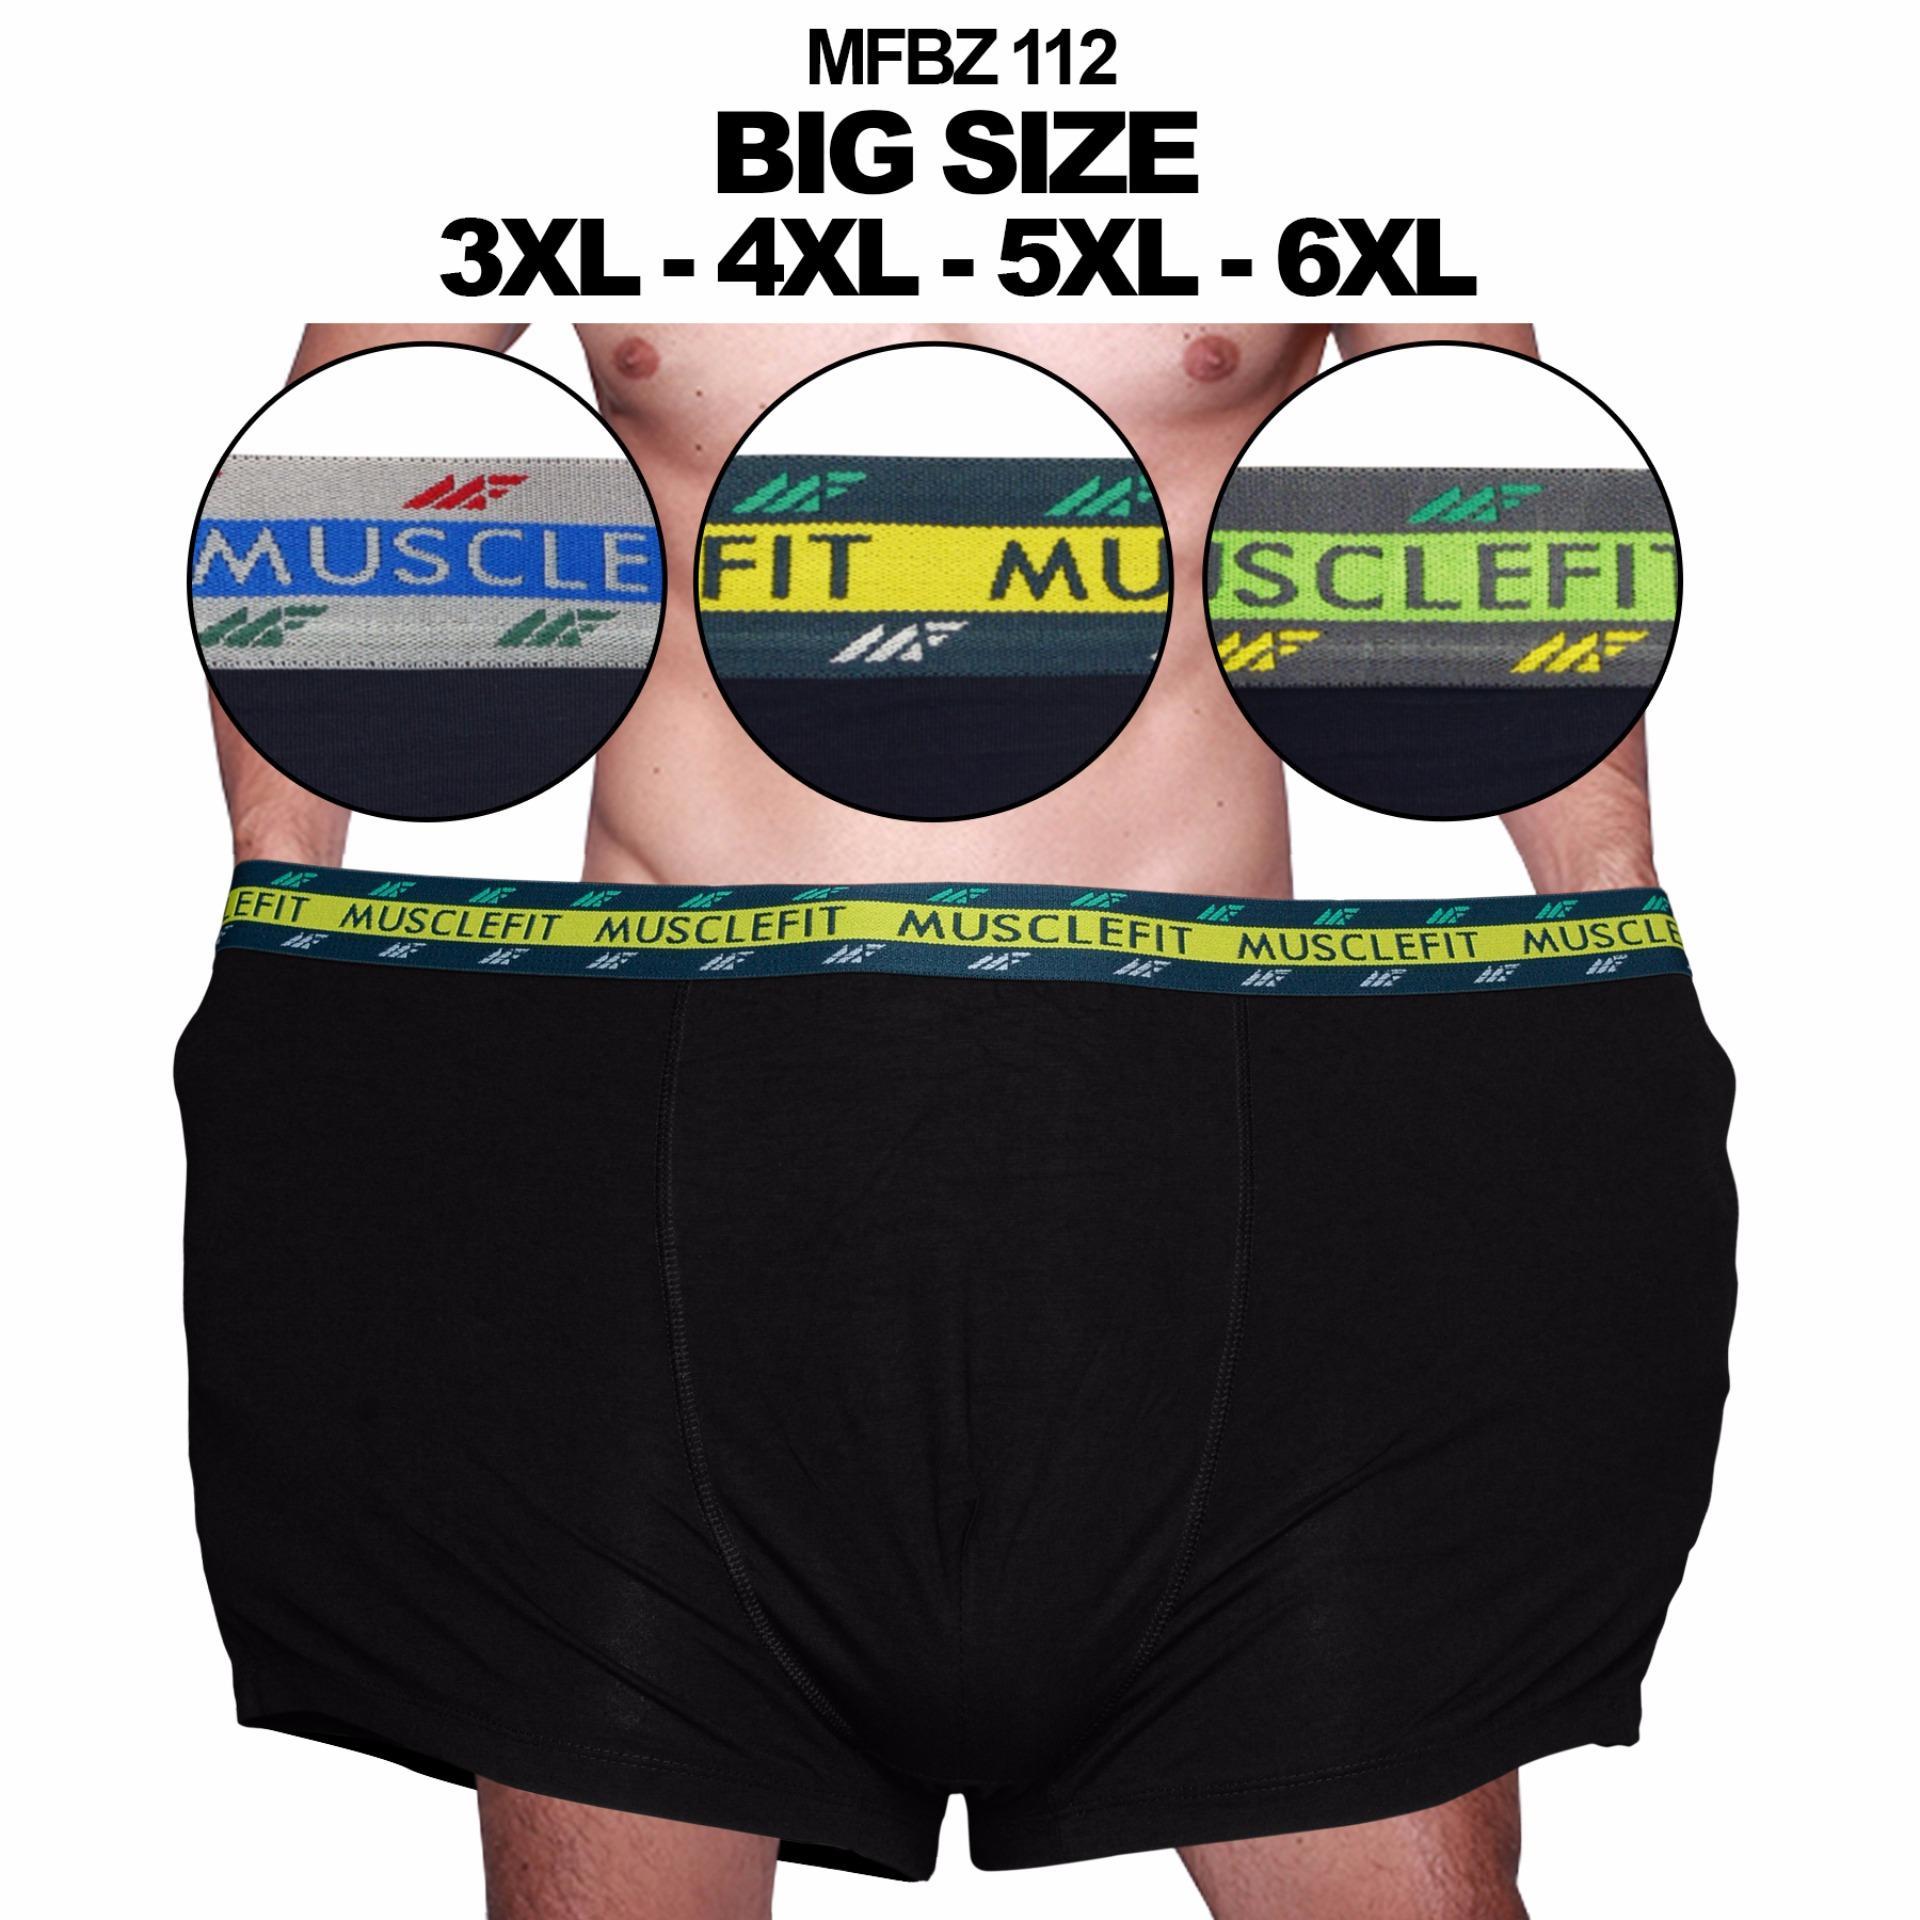 Muscle Fit Celana Dalam Pria MFBZ-112 Big Size Boxer 3XL-4XL-5XL-6XL - 1 pcs - Hitam